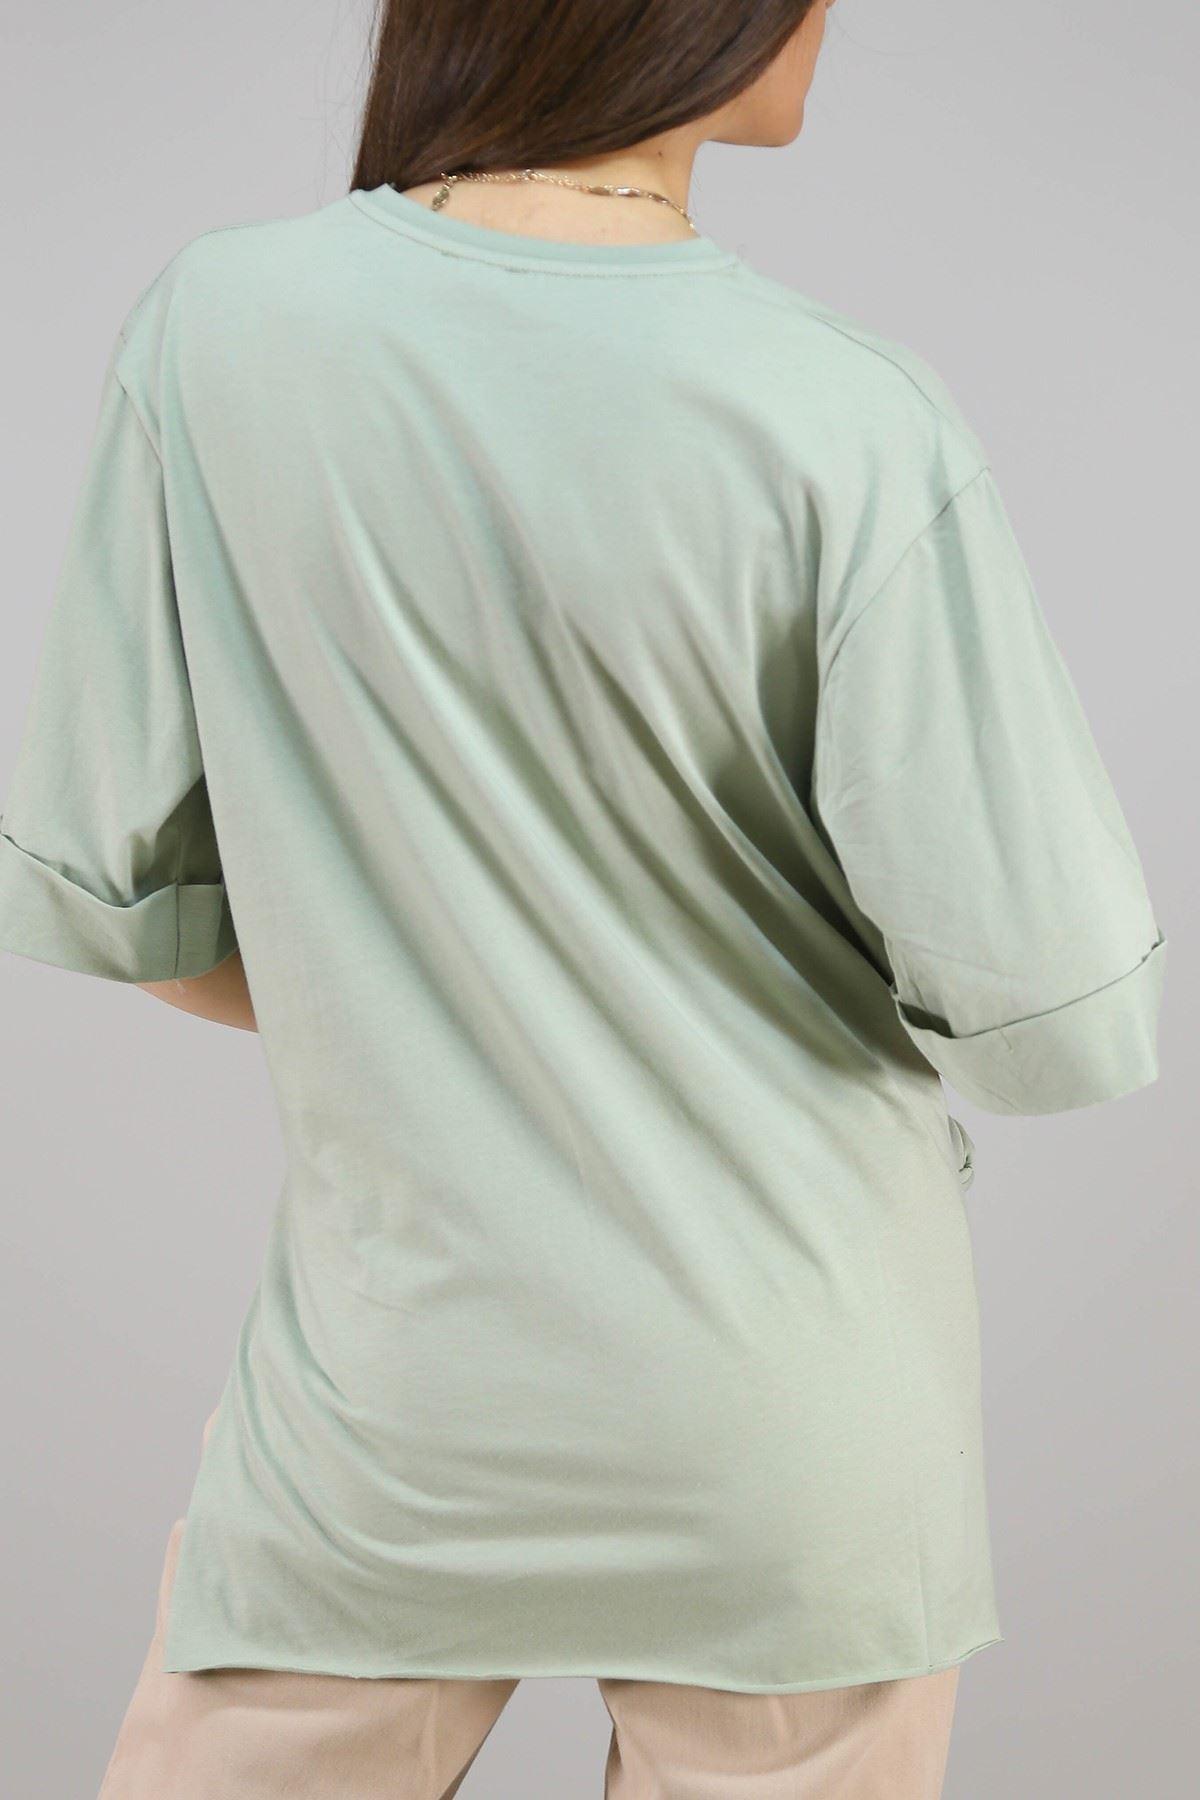 Baskılı Tişört Mint - 3660.222.